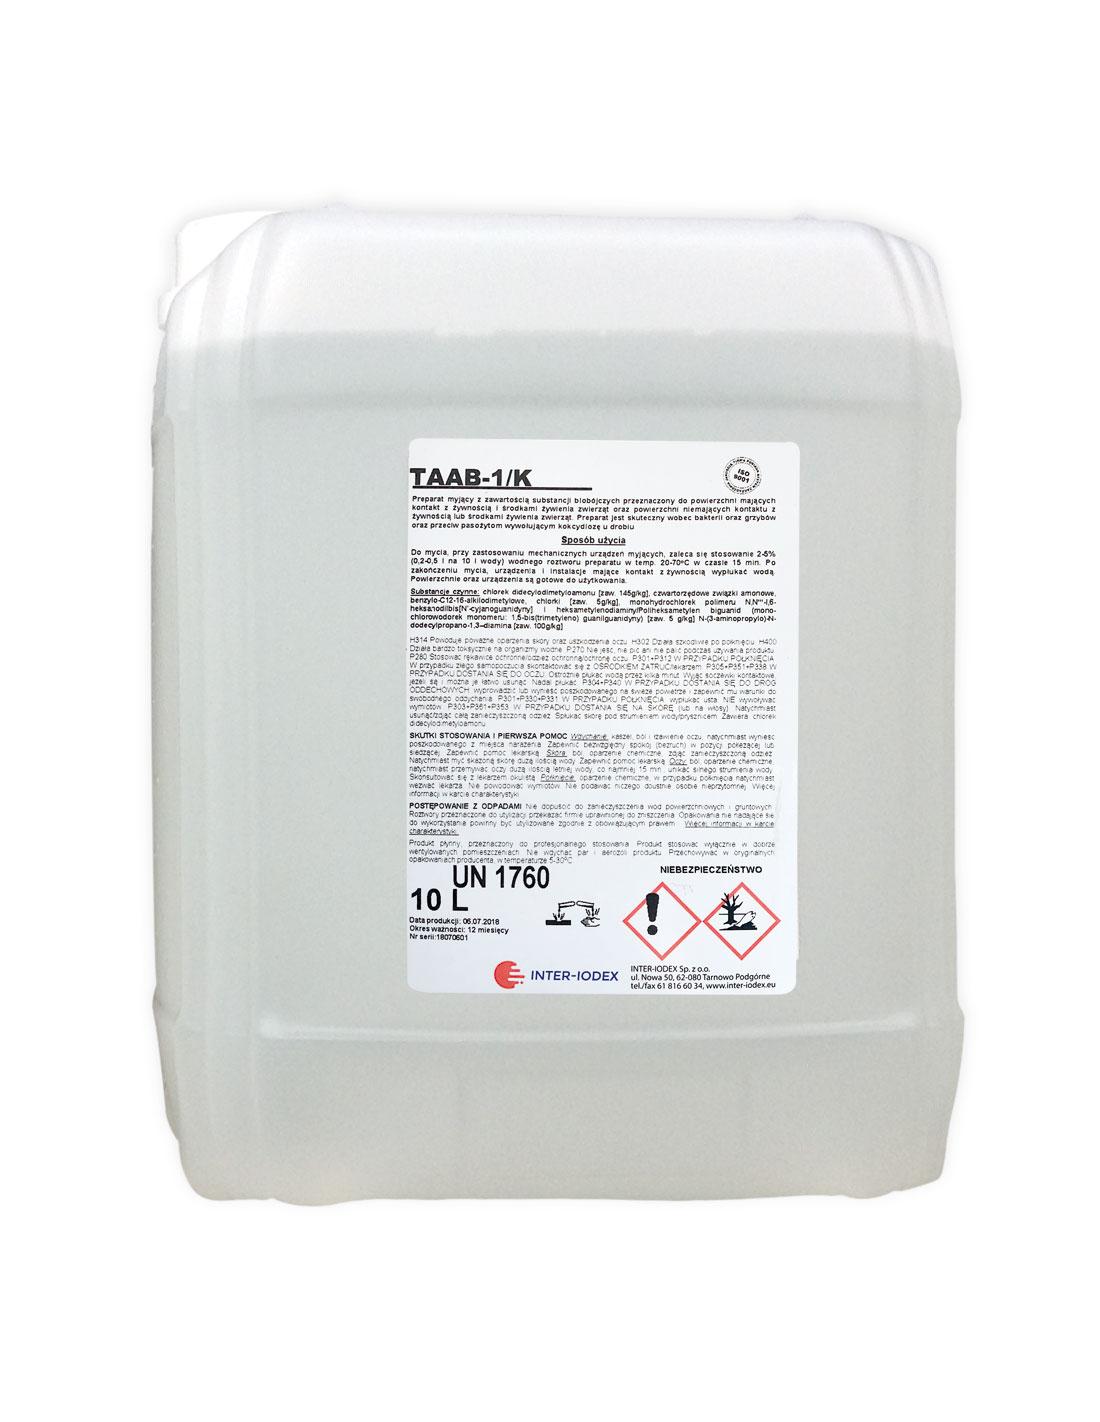 TAAB-1/K 10 L